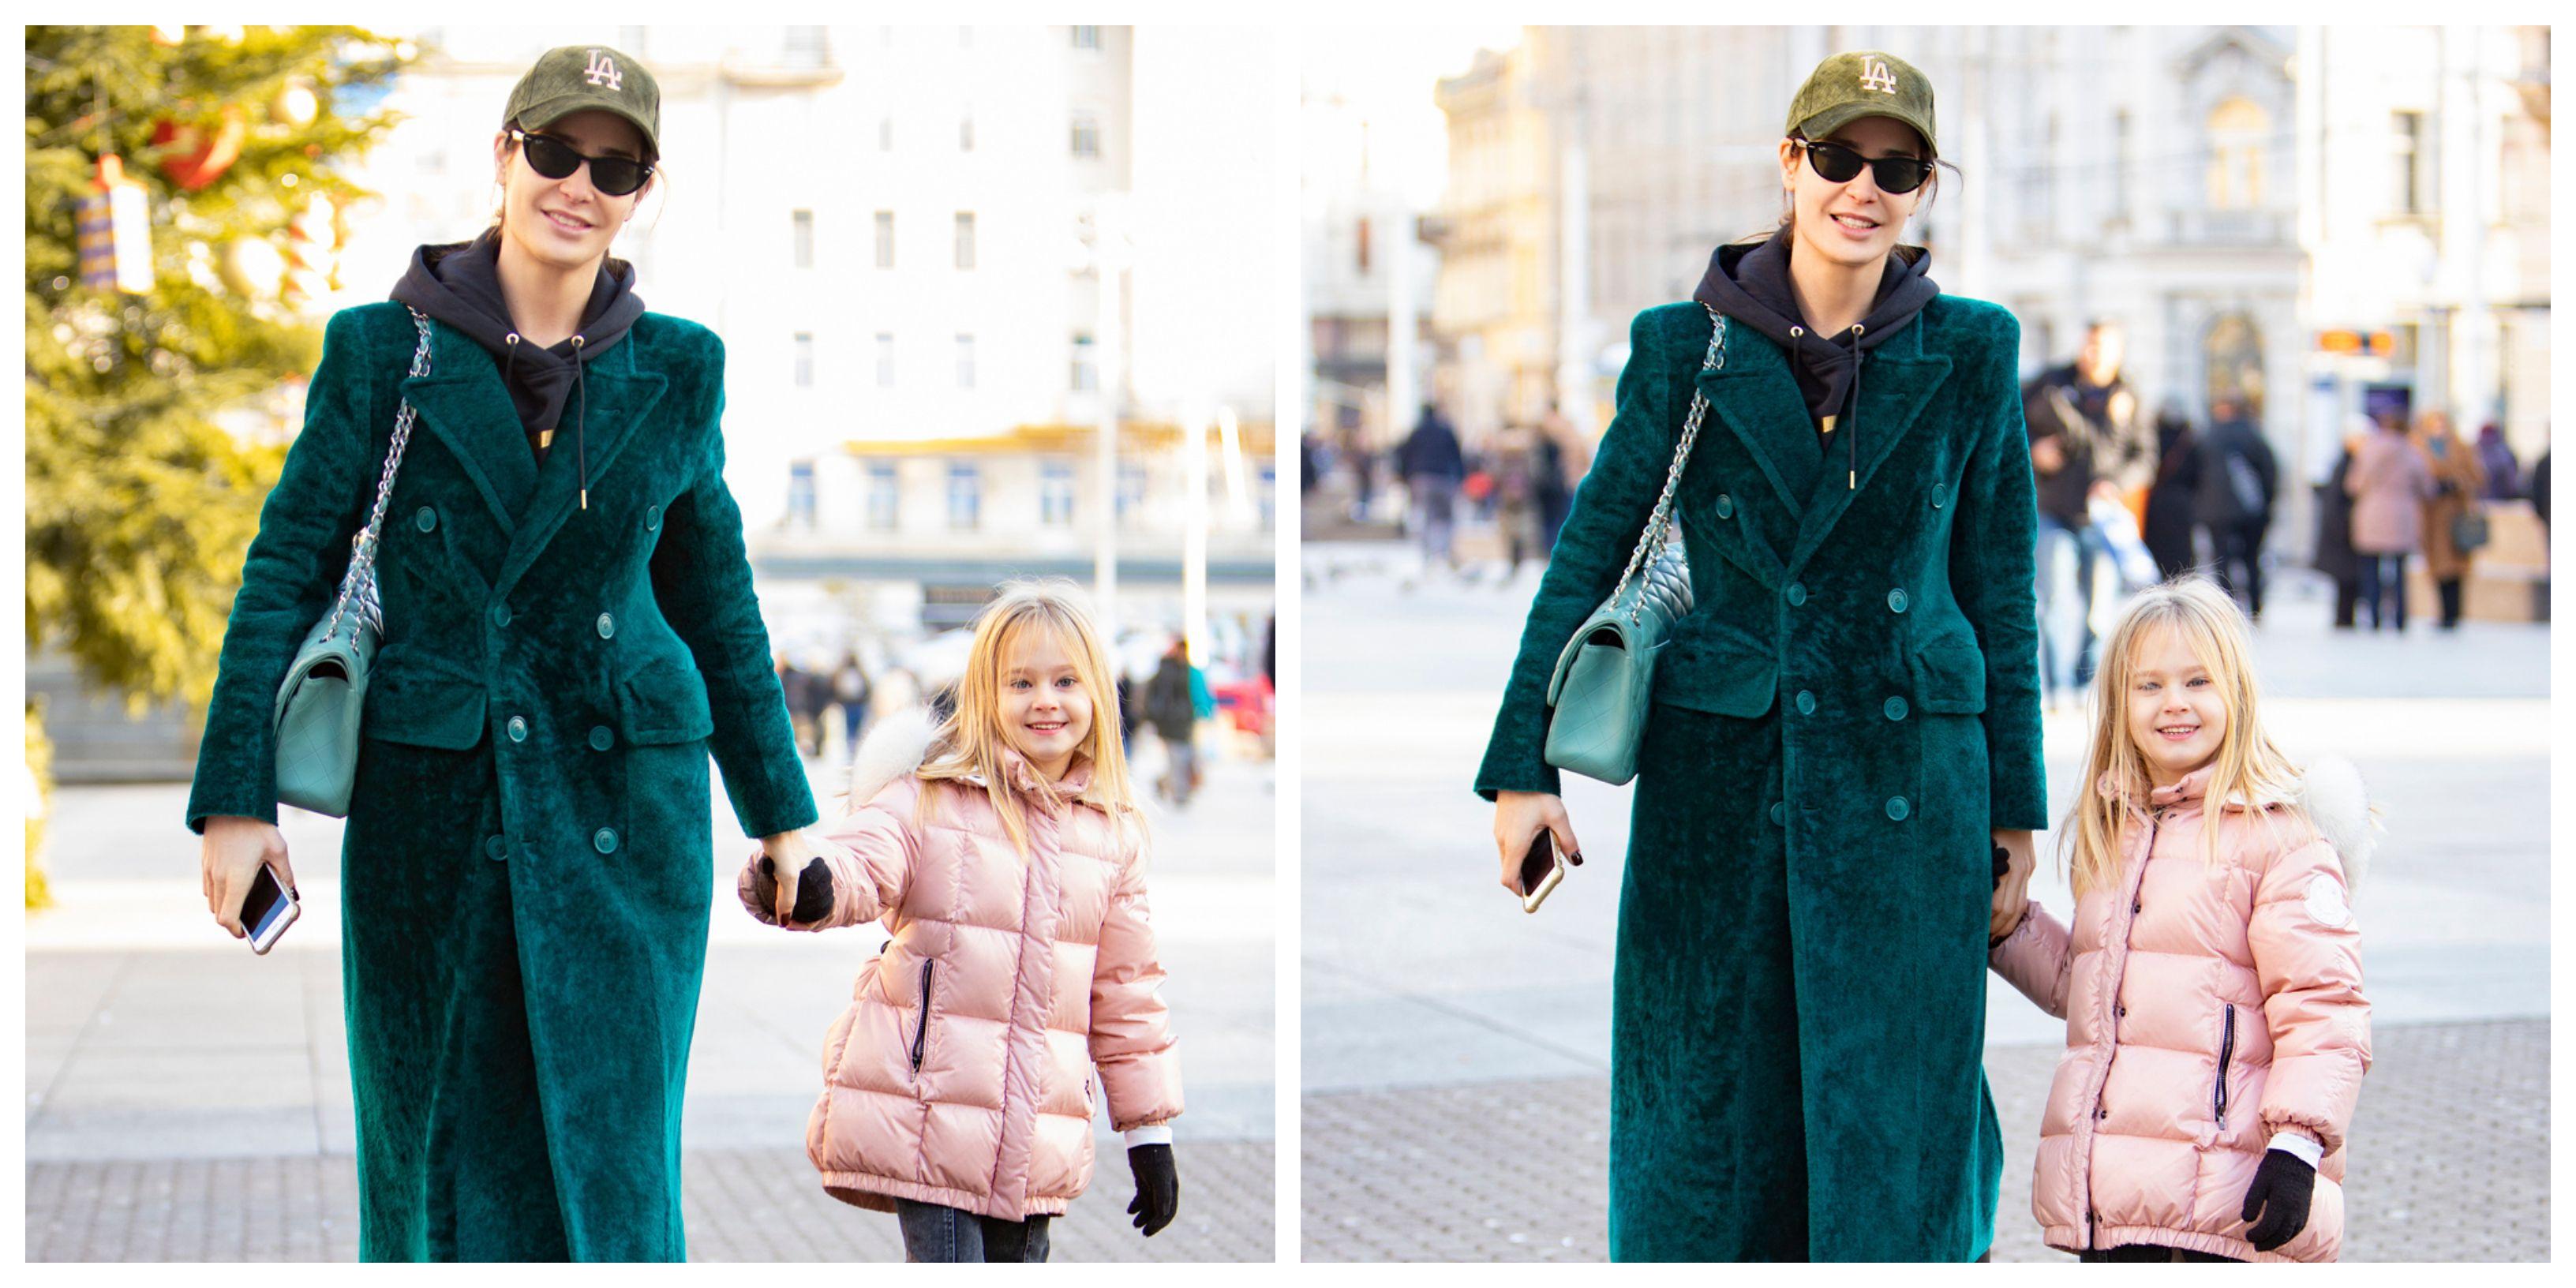 Koliko su samo divne: Mama i kćer u cool izdanjima bile su prave zvijezde zagrebačke špice